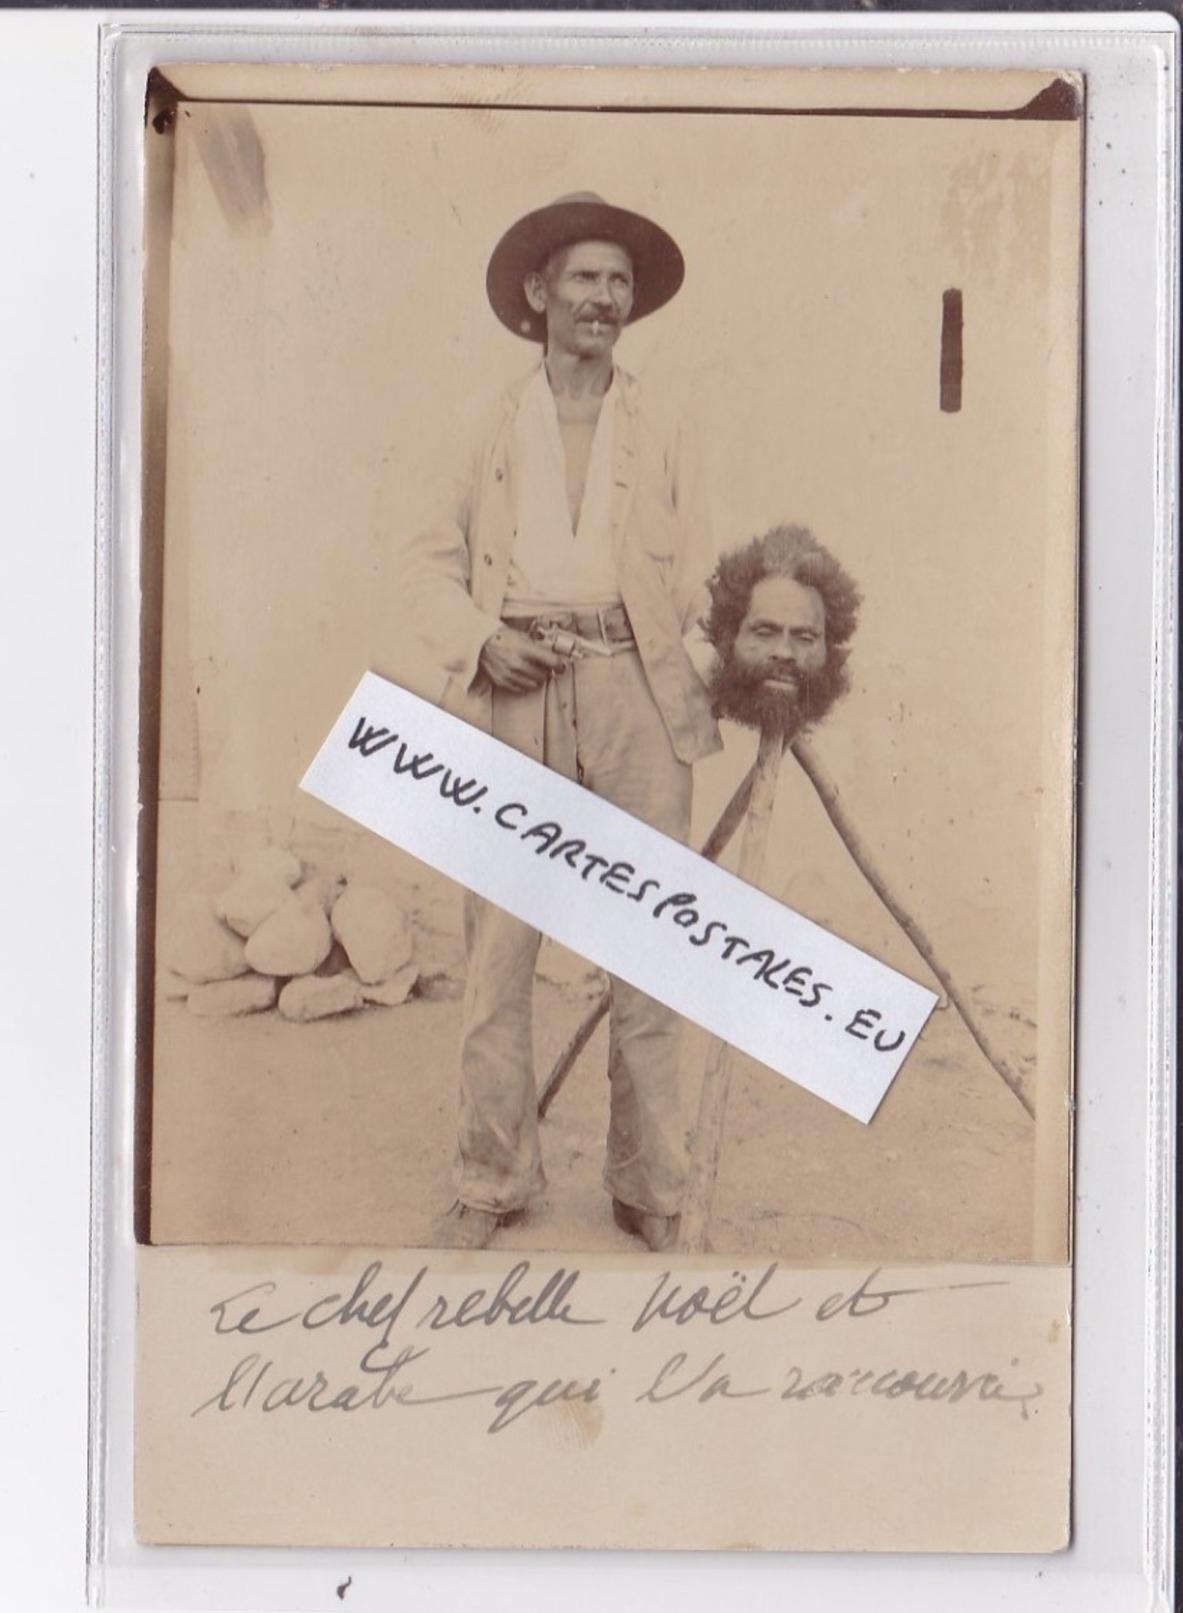 NOUVELLE CALEDONIE : Photo Collée Sur Une Carte Postale Du Chef Rebelle Noel Décapité à Côté De Son Bourreau - TBE - Nouvelle Calédonie